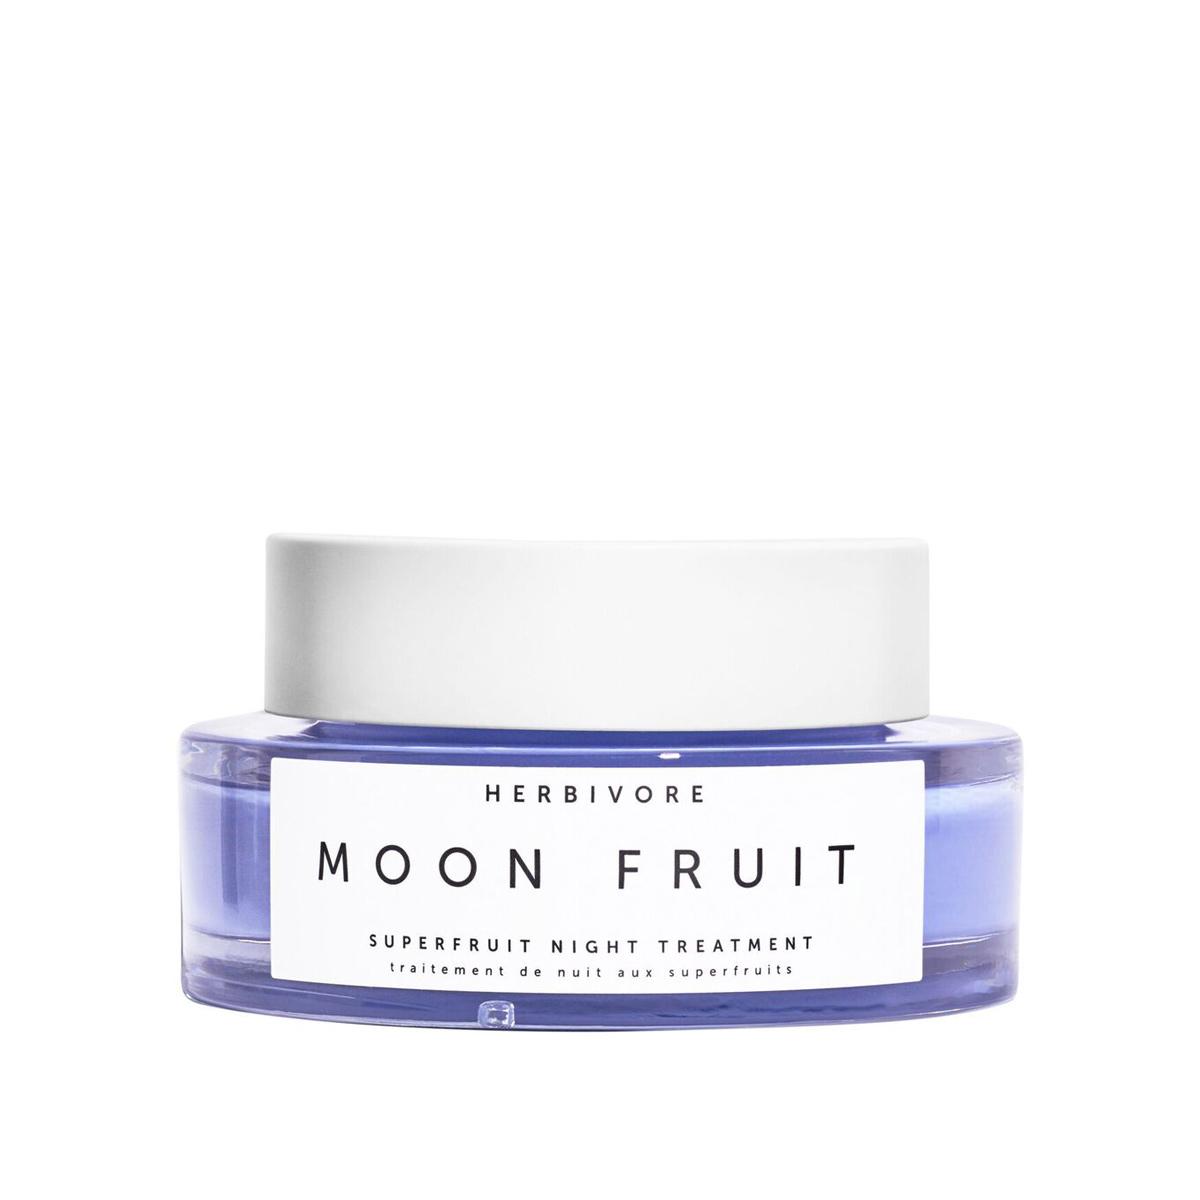 Ночной крем для лица Moon Fruit Superfruit Night Treatment, £58